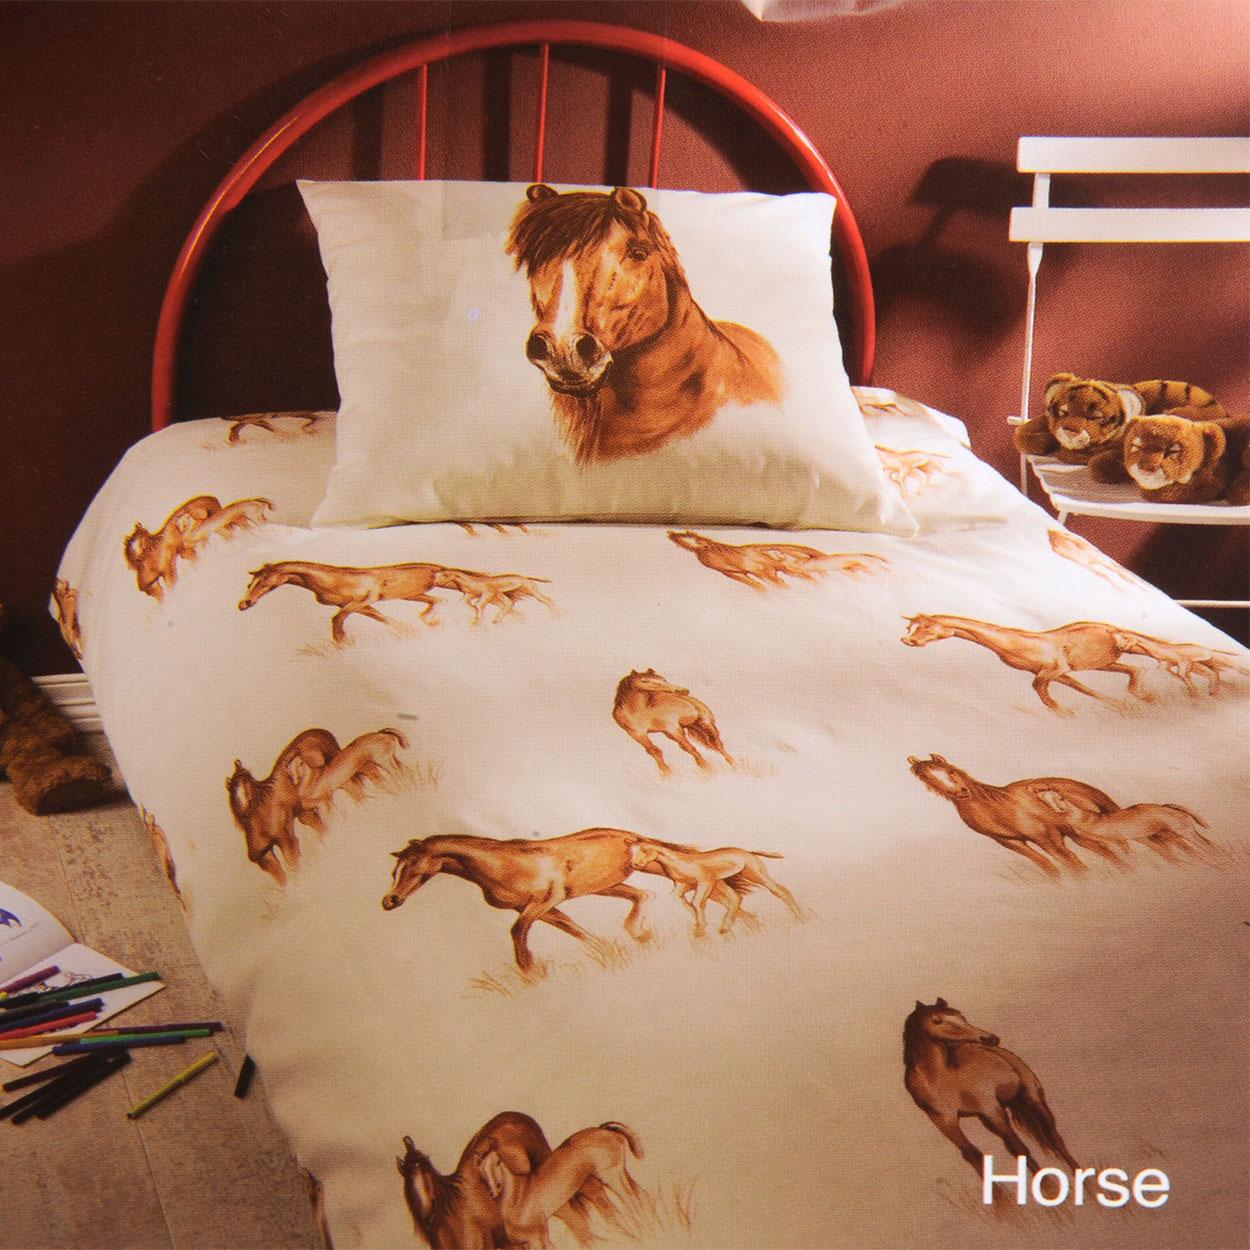 Dekbedovertrek Horse online kopen   Lobbes nl